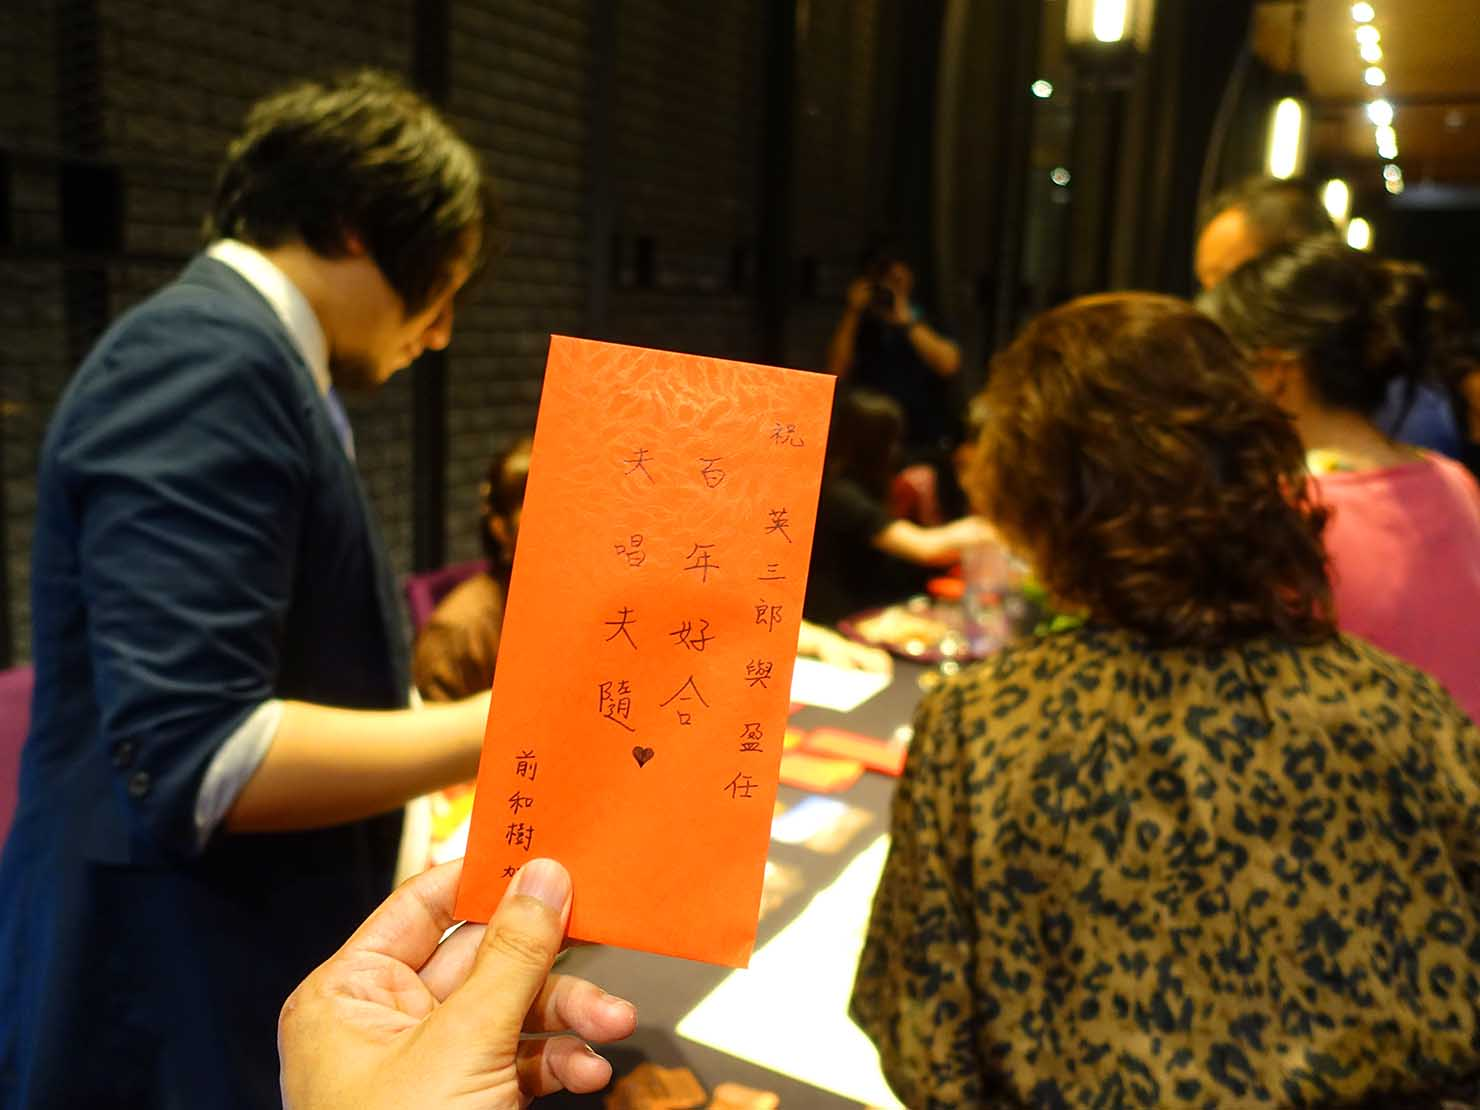 台日同性カップルの友人の結婚式場受付で紅包を渡す